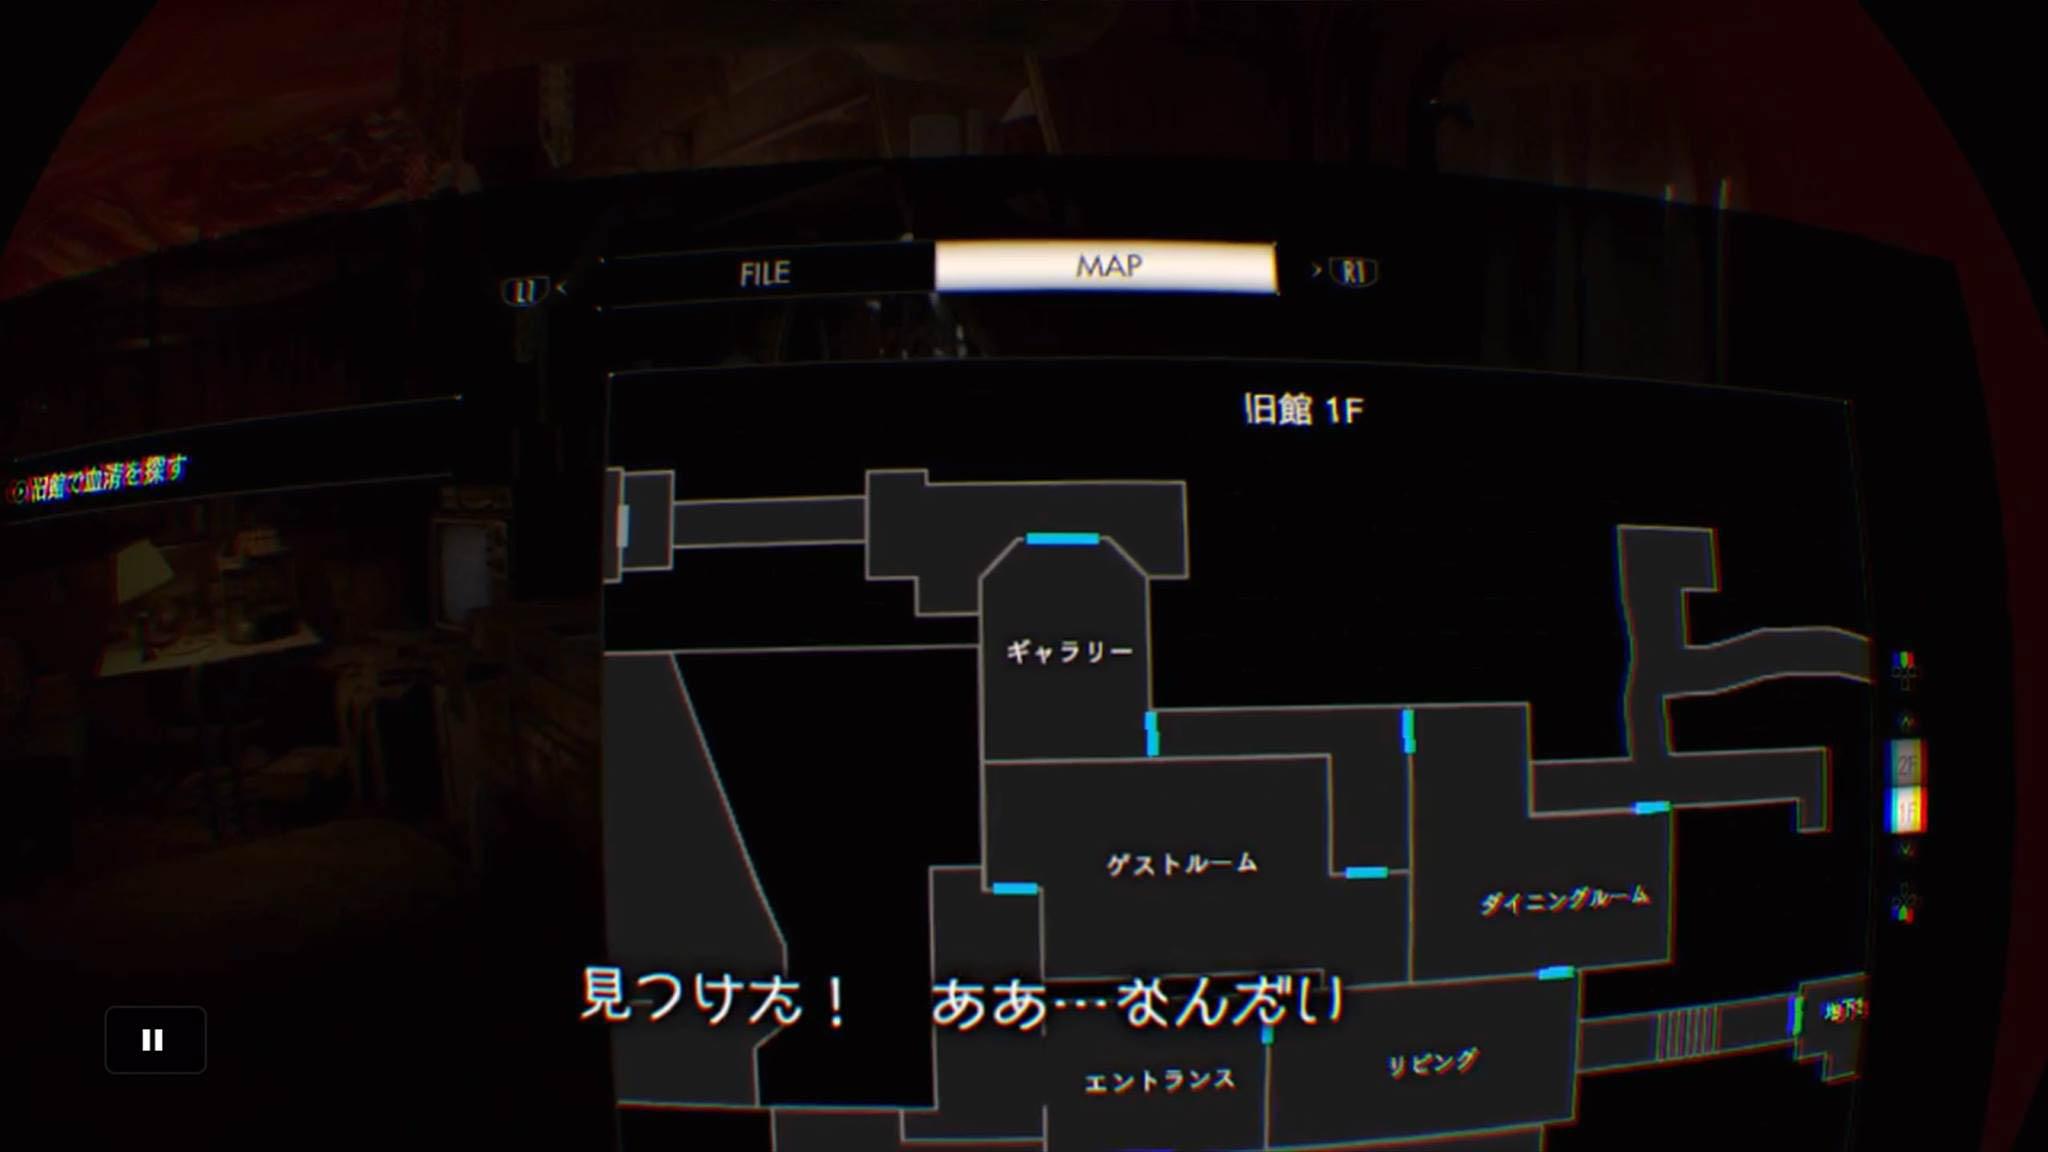 PS4のスクリーンショット機能で引用